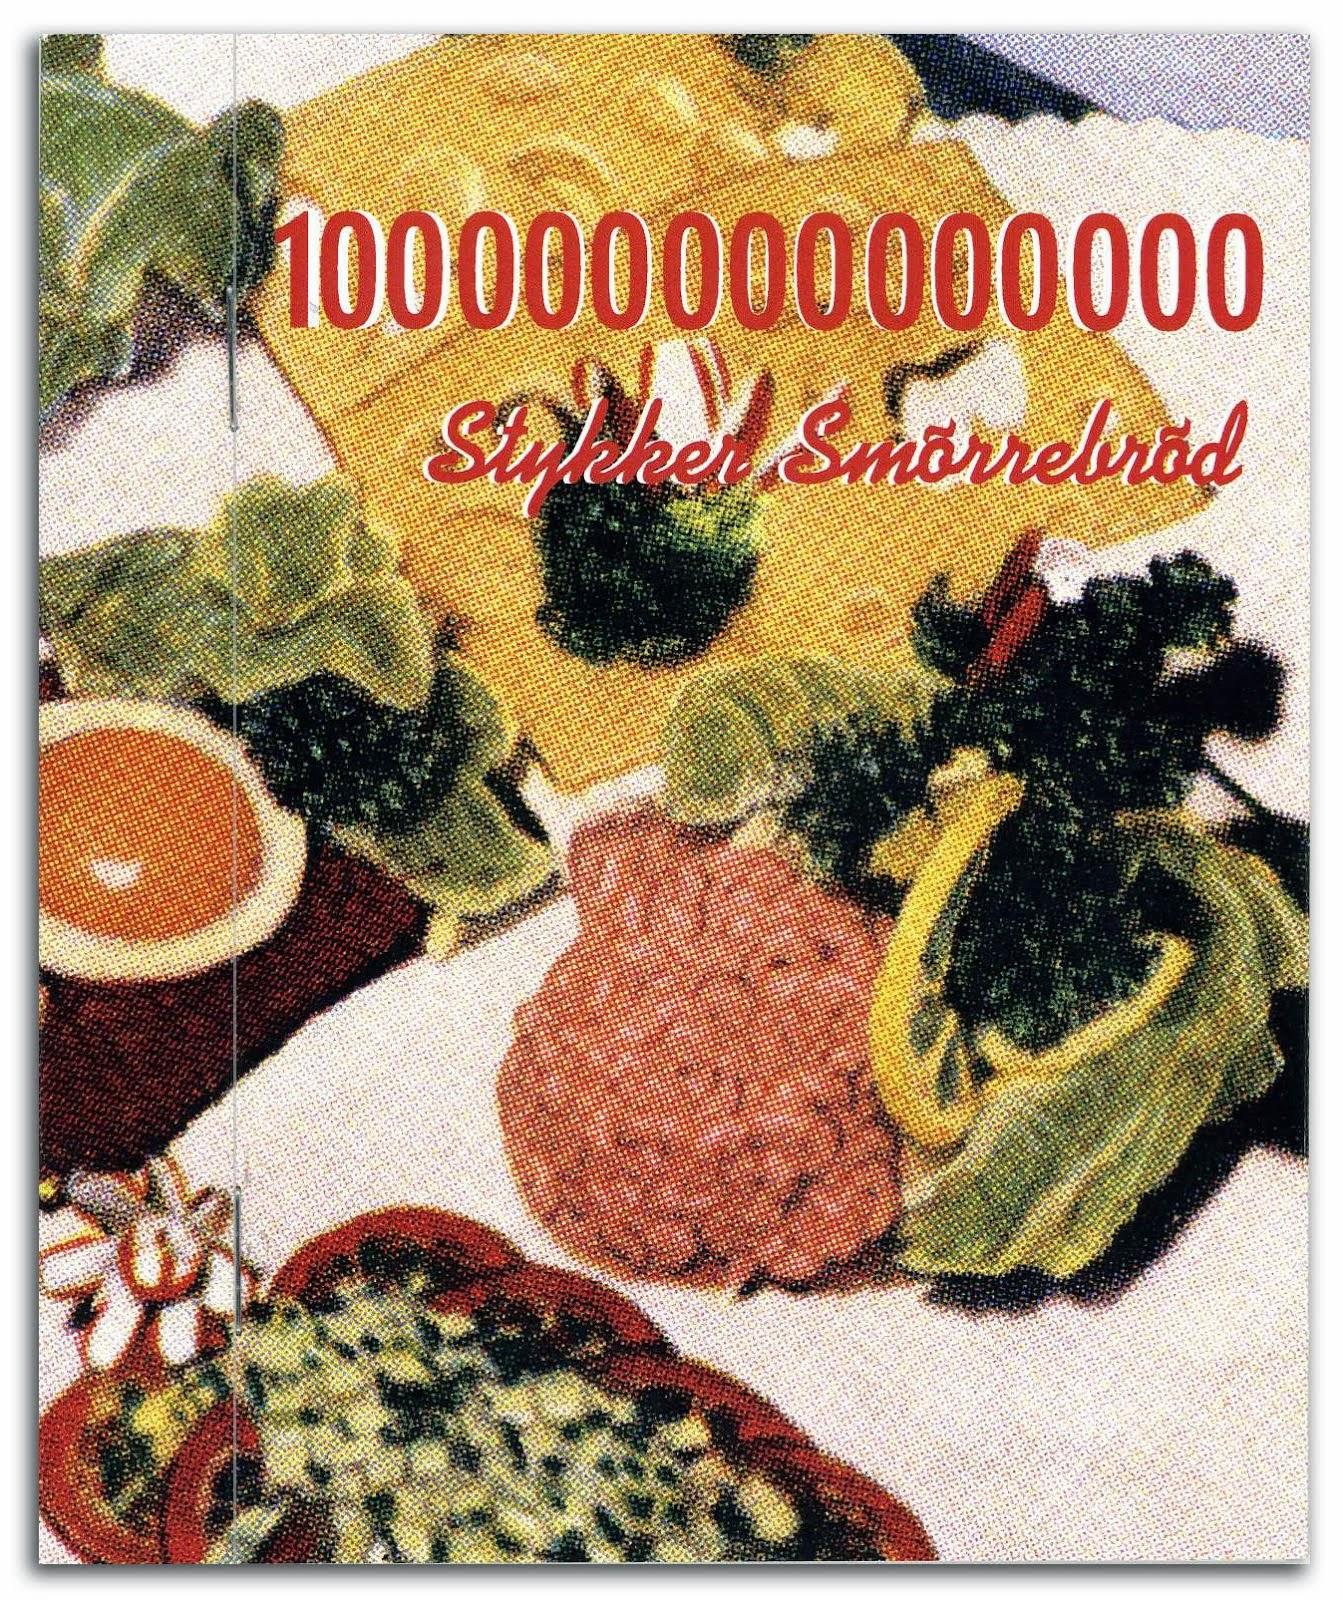 100000000000000 stykker smørrebrød